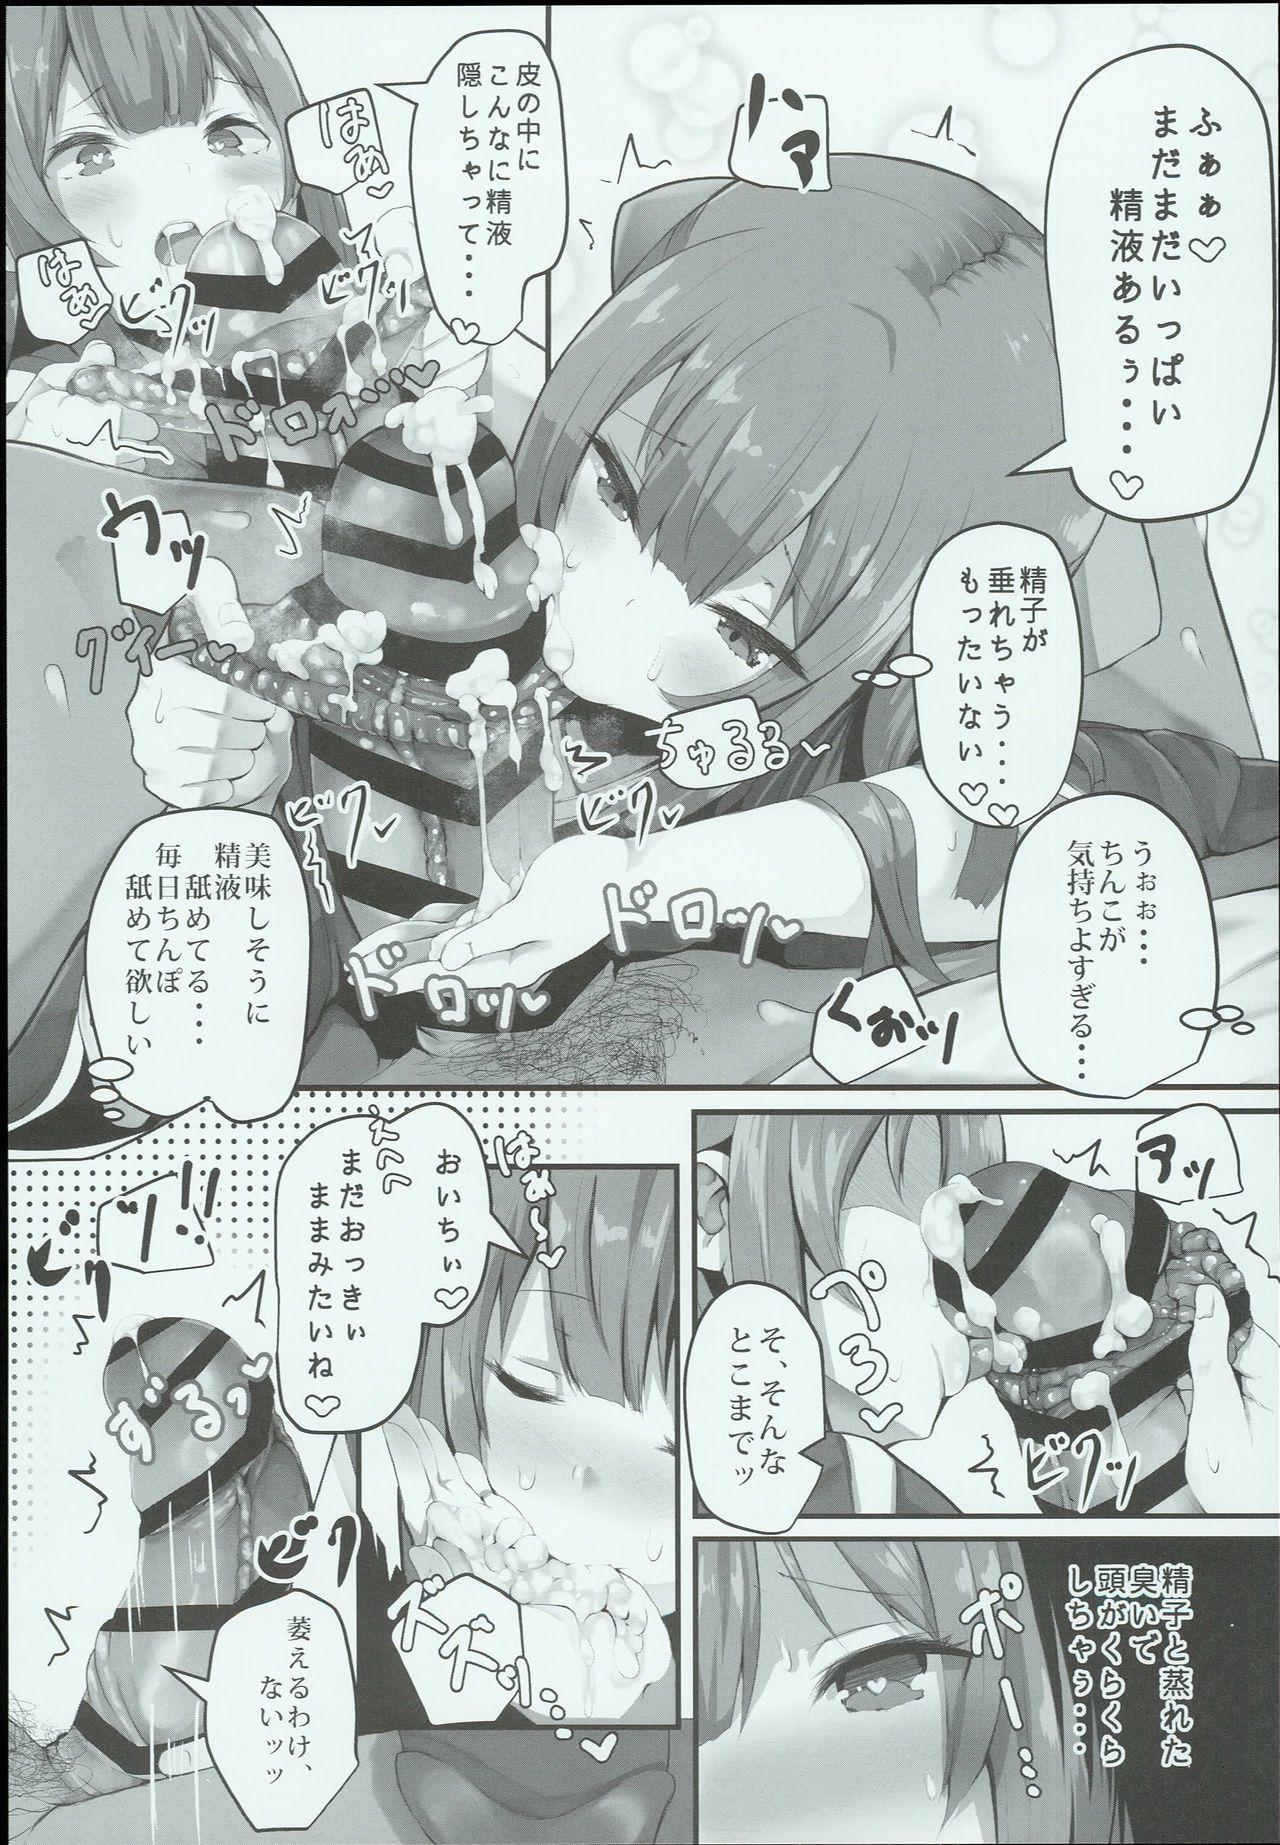 Kamikaze-chan wa Osewa Shitai 11